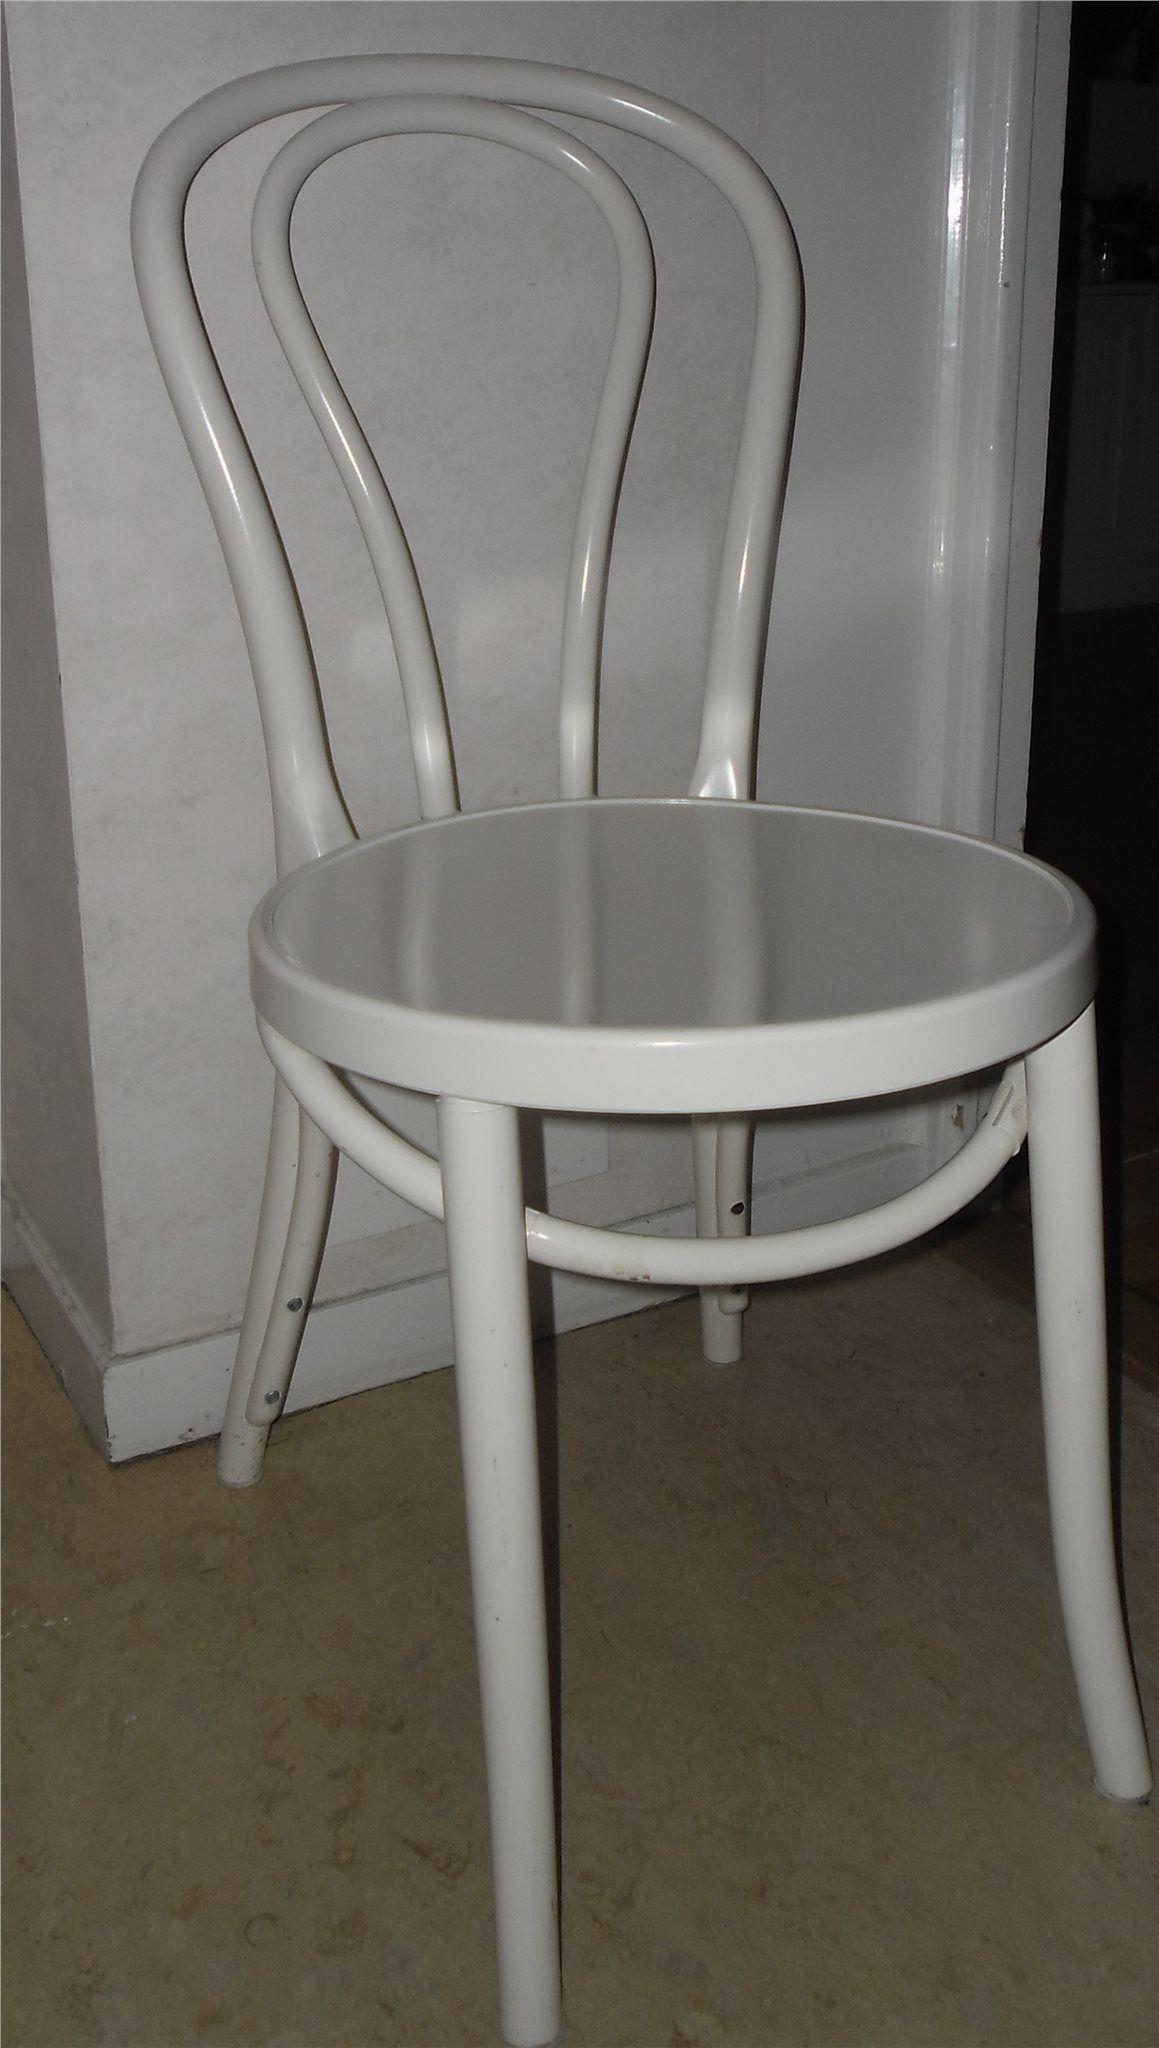 Annons på Tradera: 4 st vita retro stolar öglan IKEA